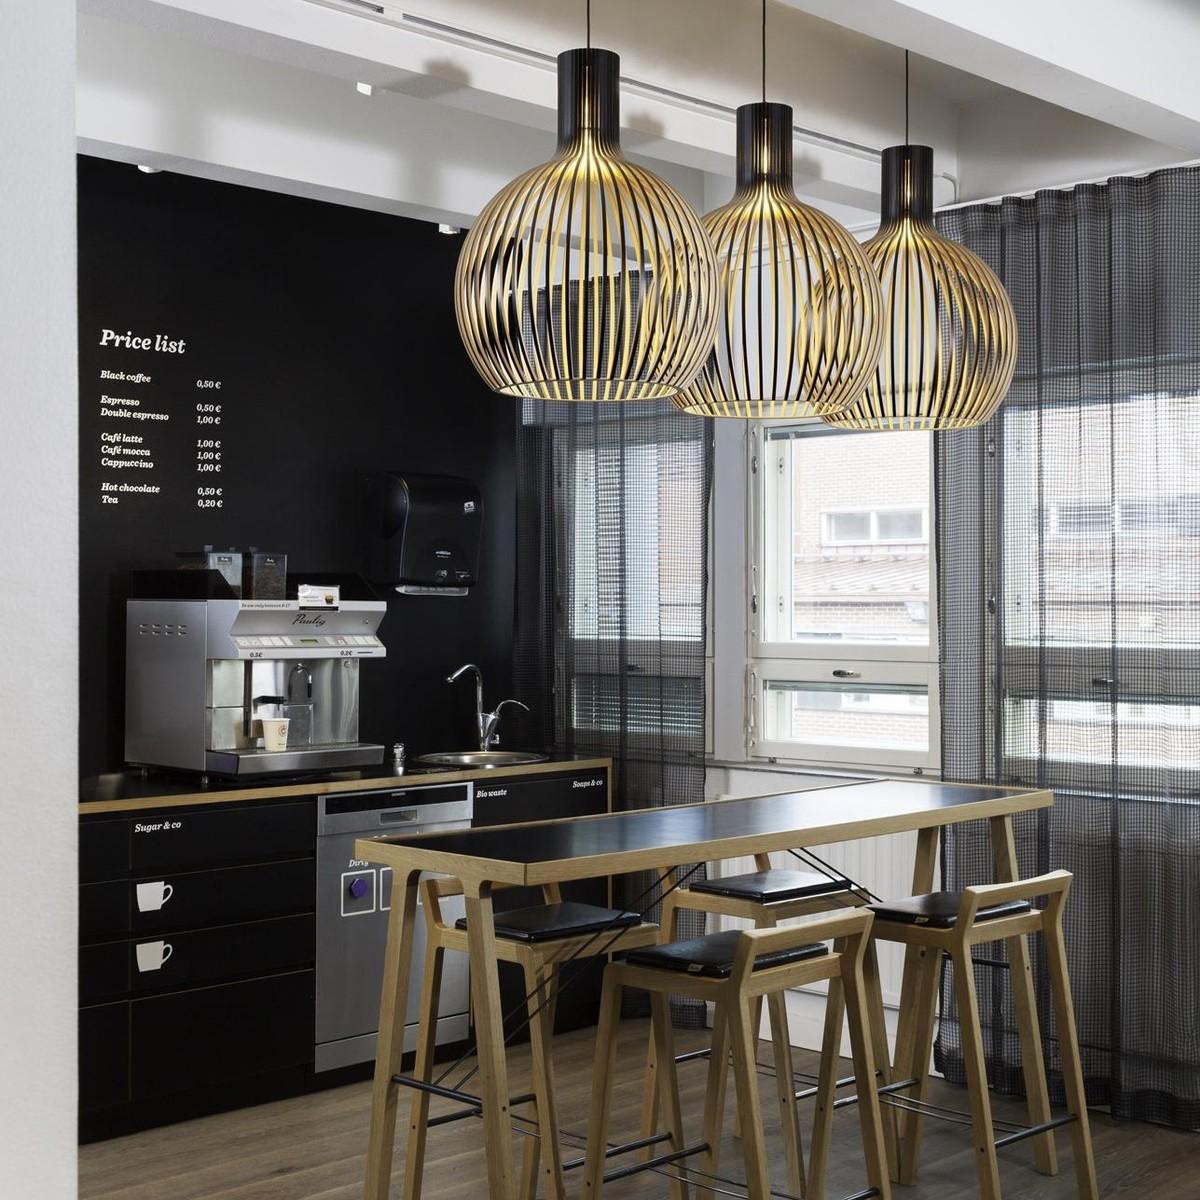 octo 4240 pendelleuchte secto design. Black Bedroom Furniture Sets. Home Design Ideas